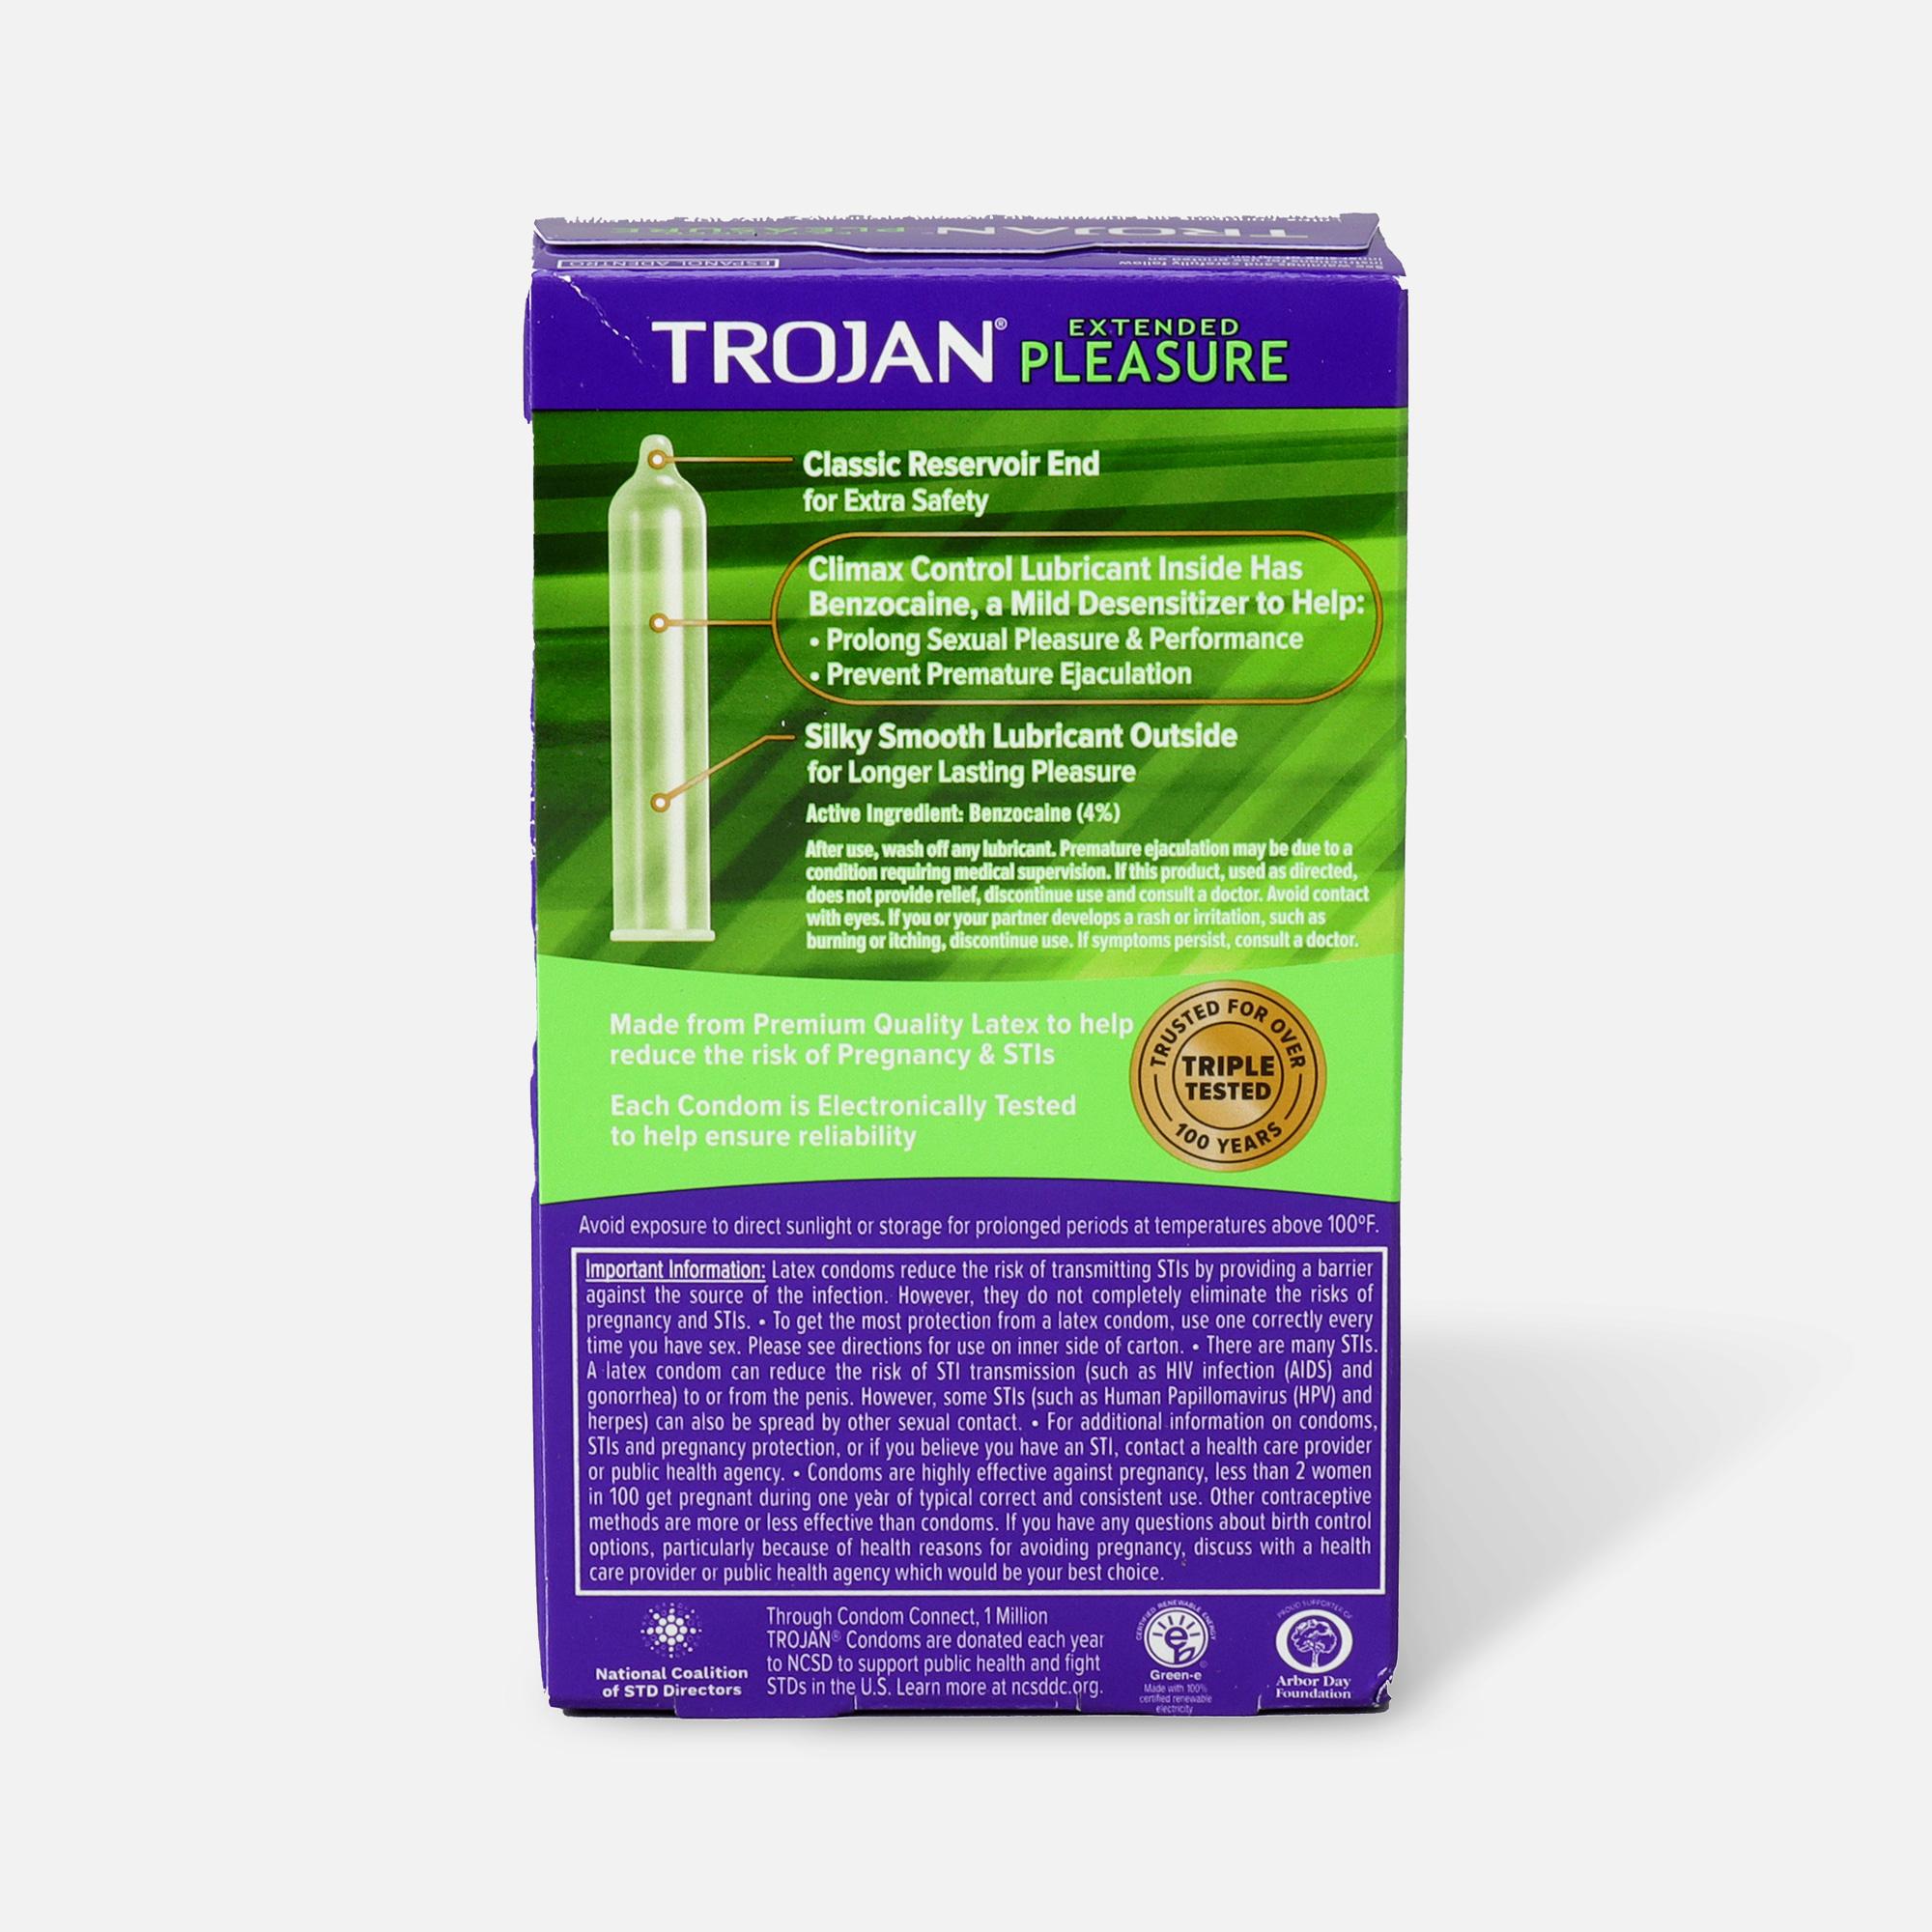 Trojan extended pleasure condoms review